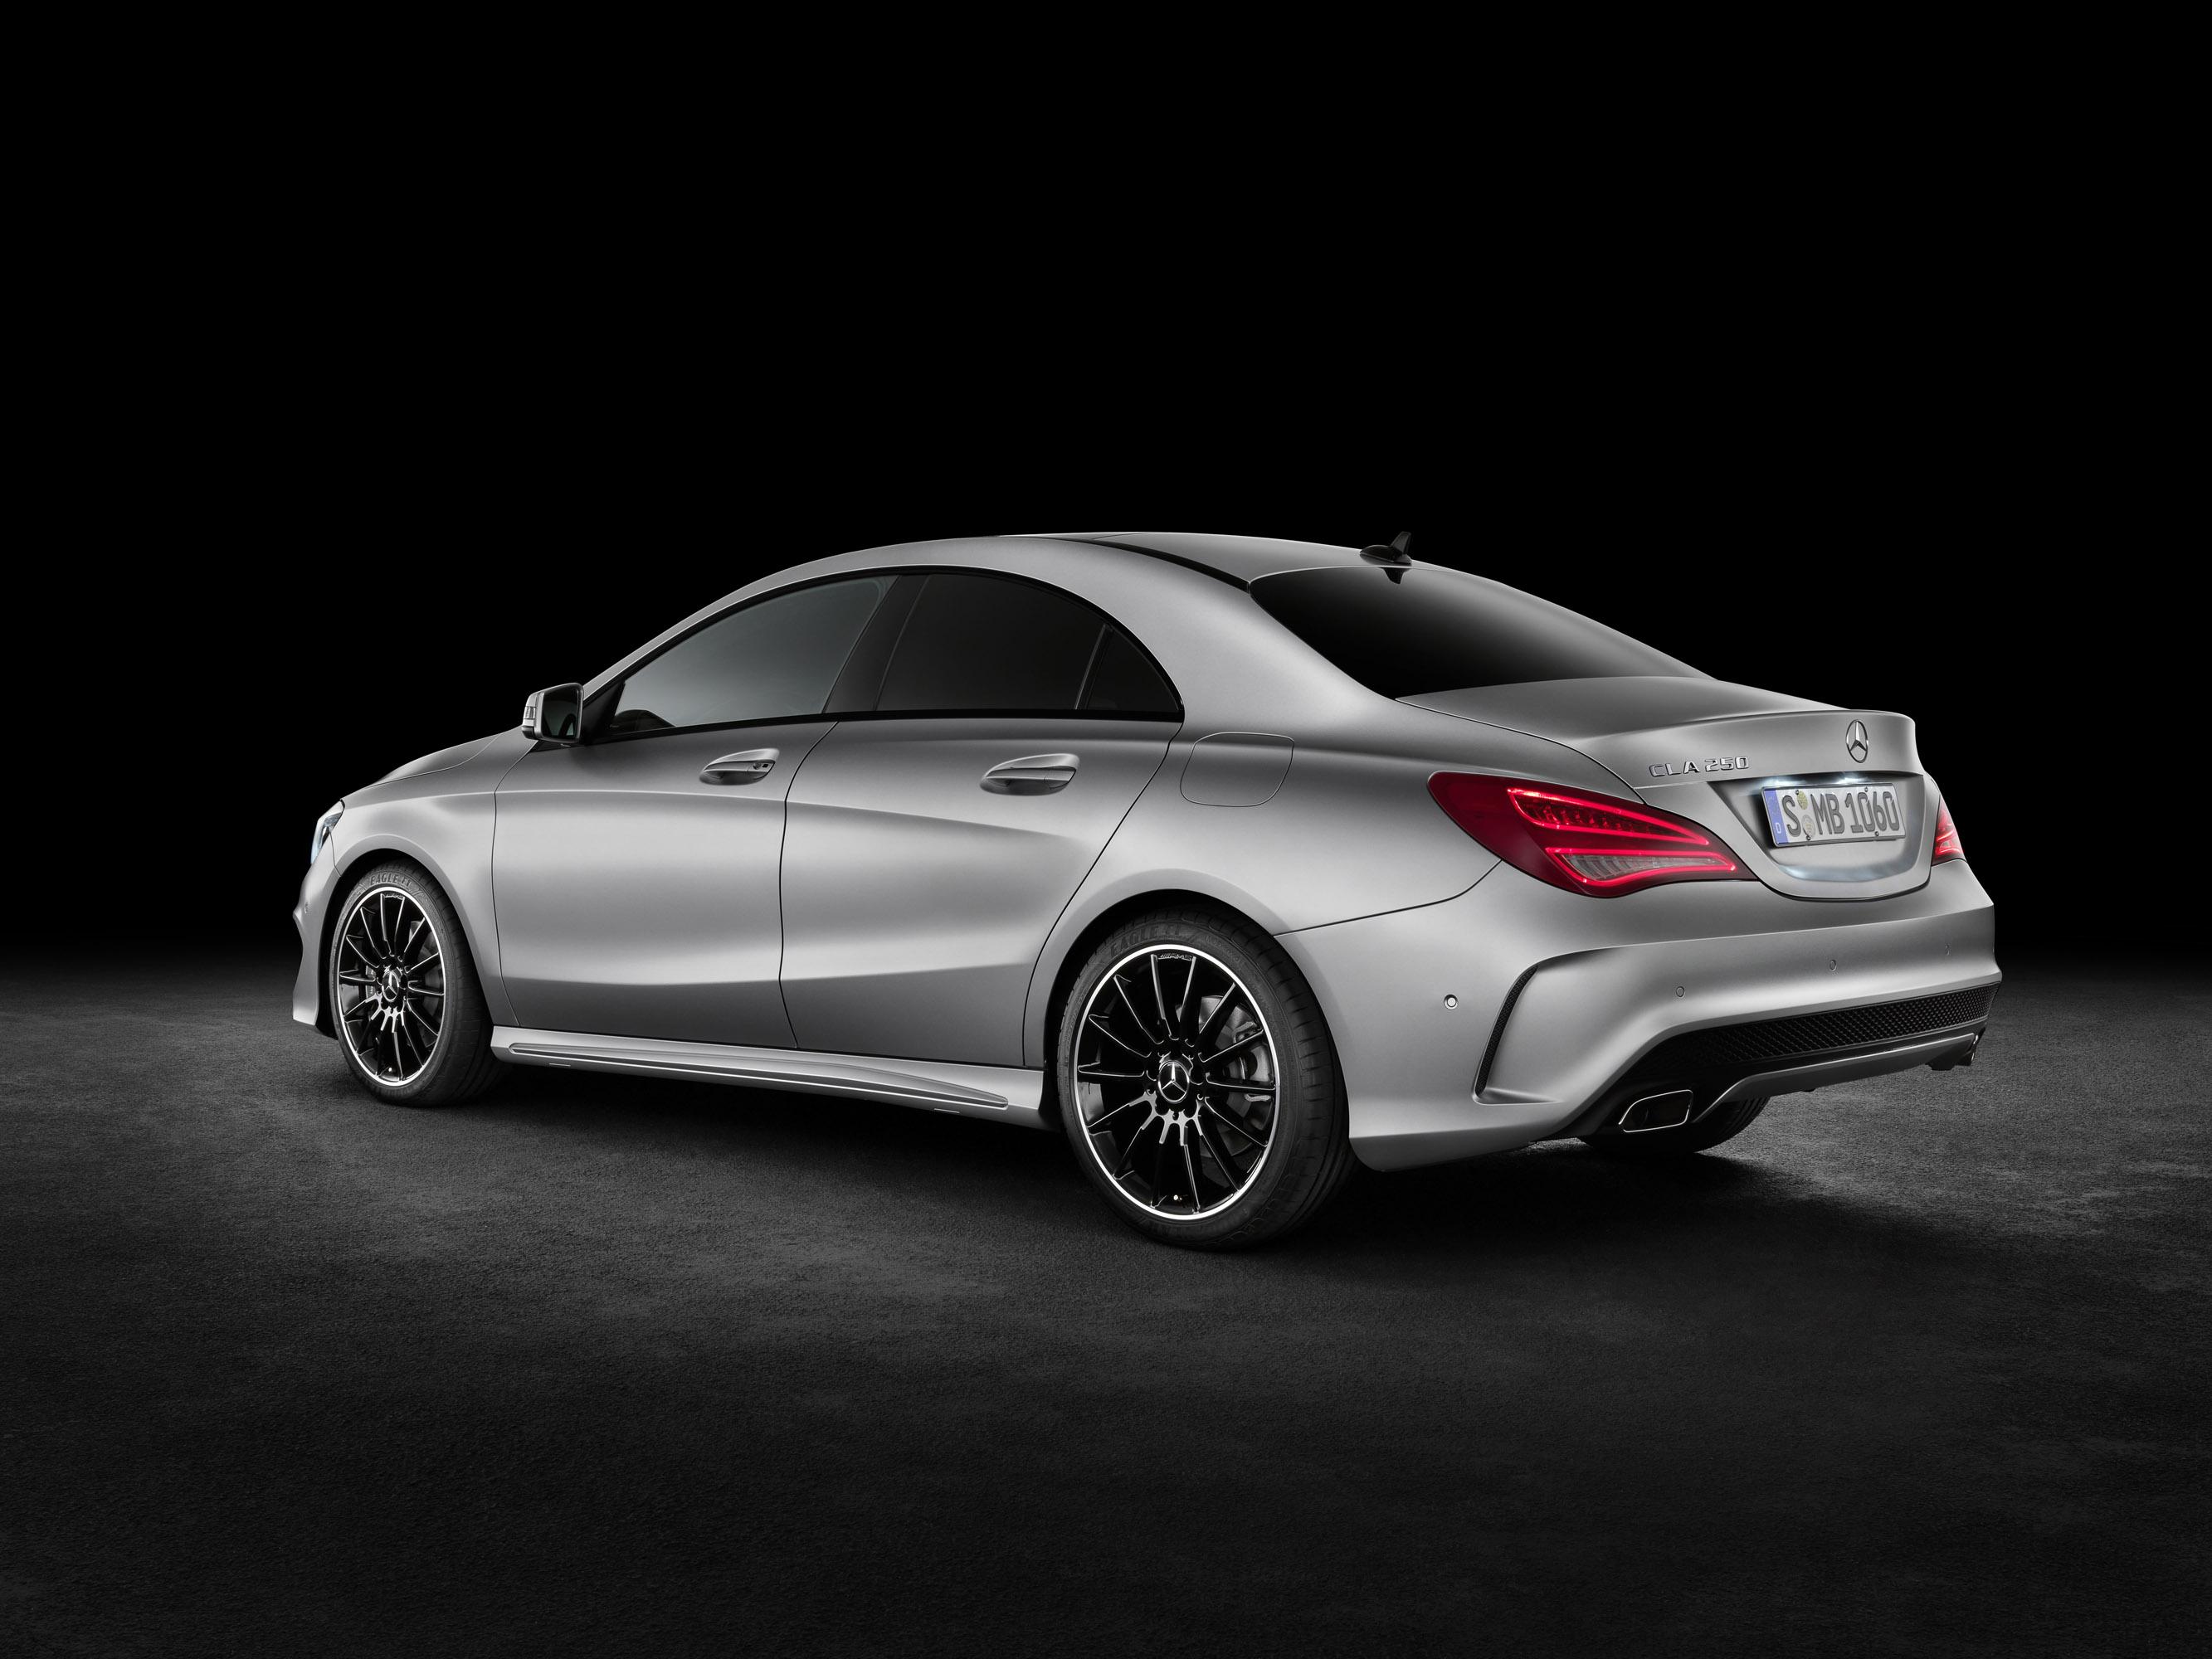 Mercedes-Benz CLA готовится к 2015 году, с большим количеством функций  - фотография №4